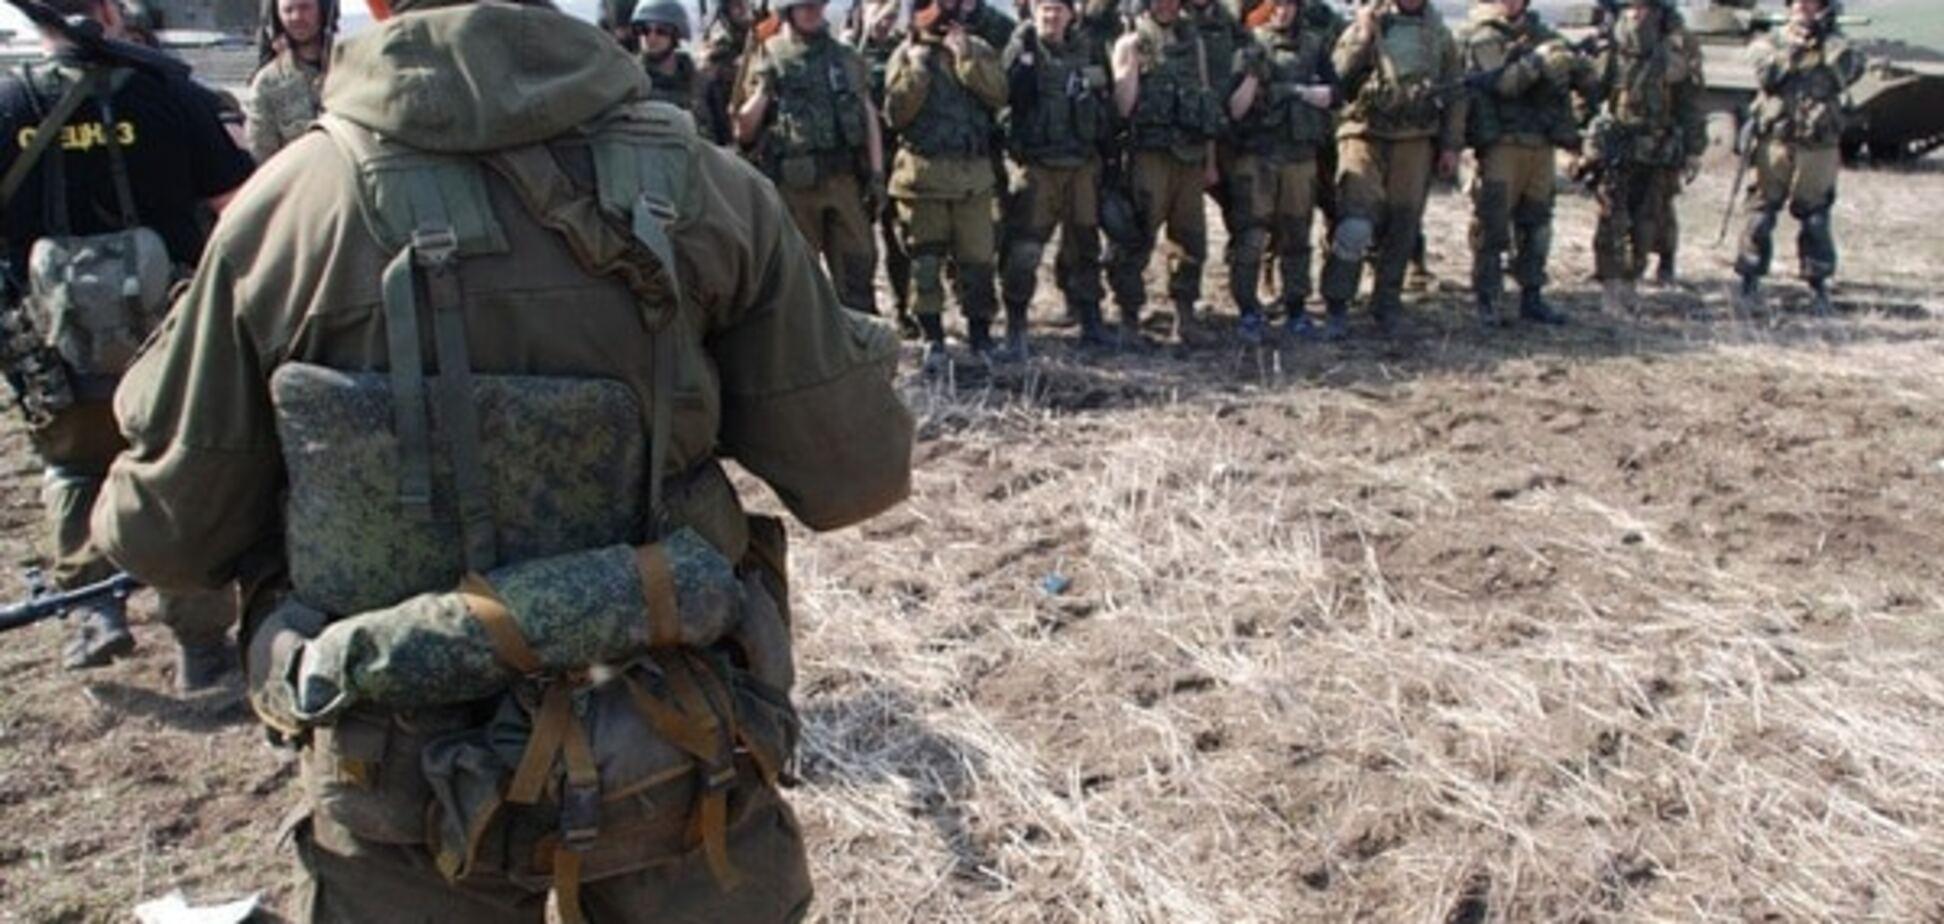 На Донбасі знищено 5 російських військових, 9 отримали поранення - розвідка